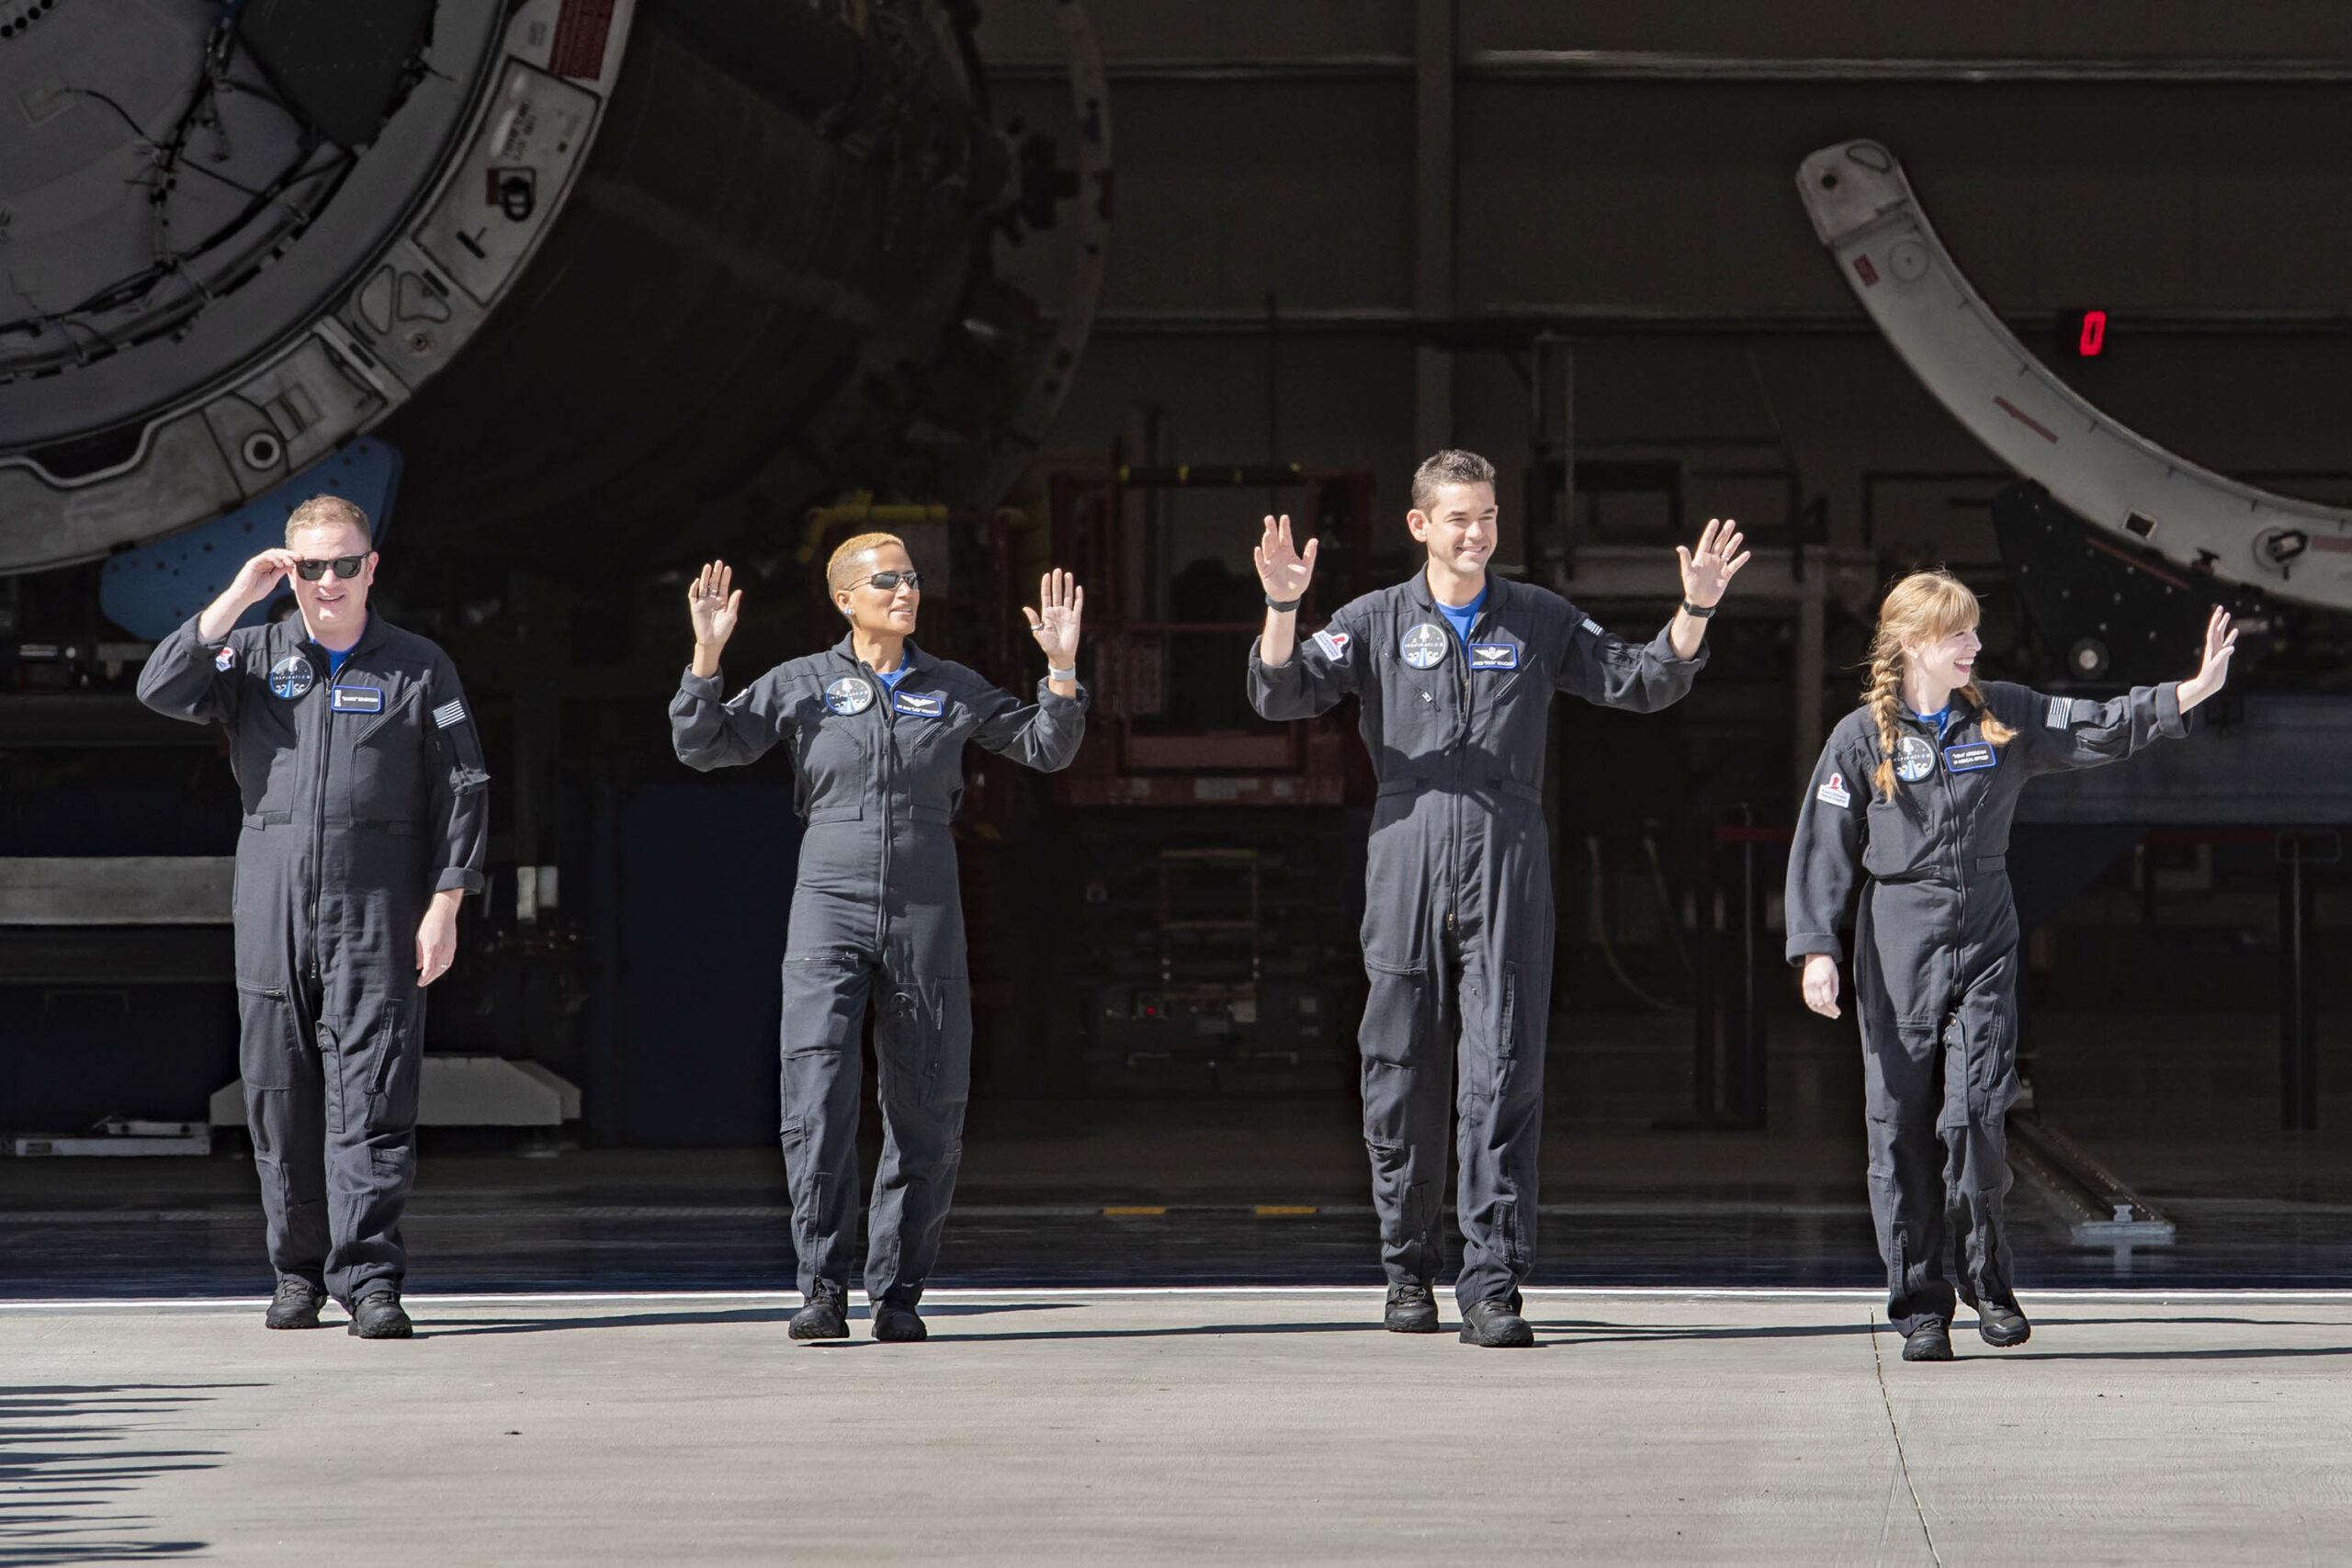 Phi hành đoàn từ trái sang: ông Chris Sembroski, bà Sian Proctor, anh Jared Issacman và cô Haley Arceneaux trẻ nhất mới 29 tuổi.